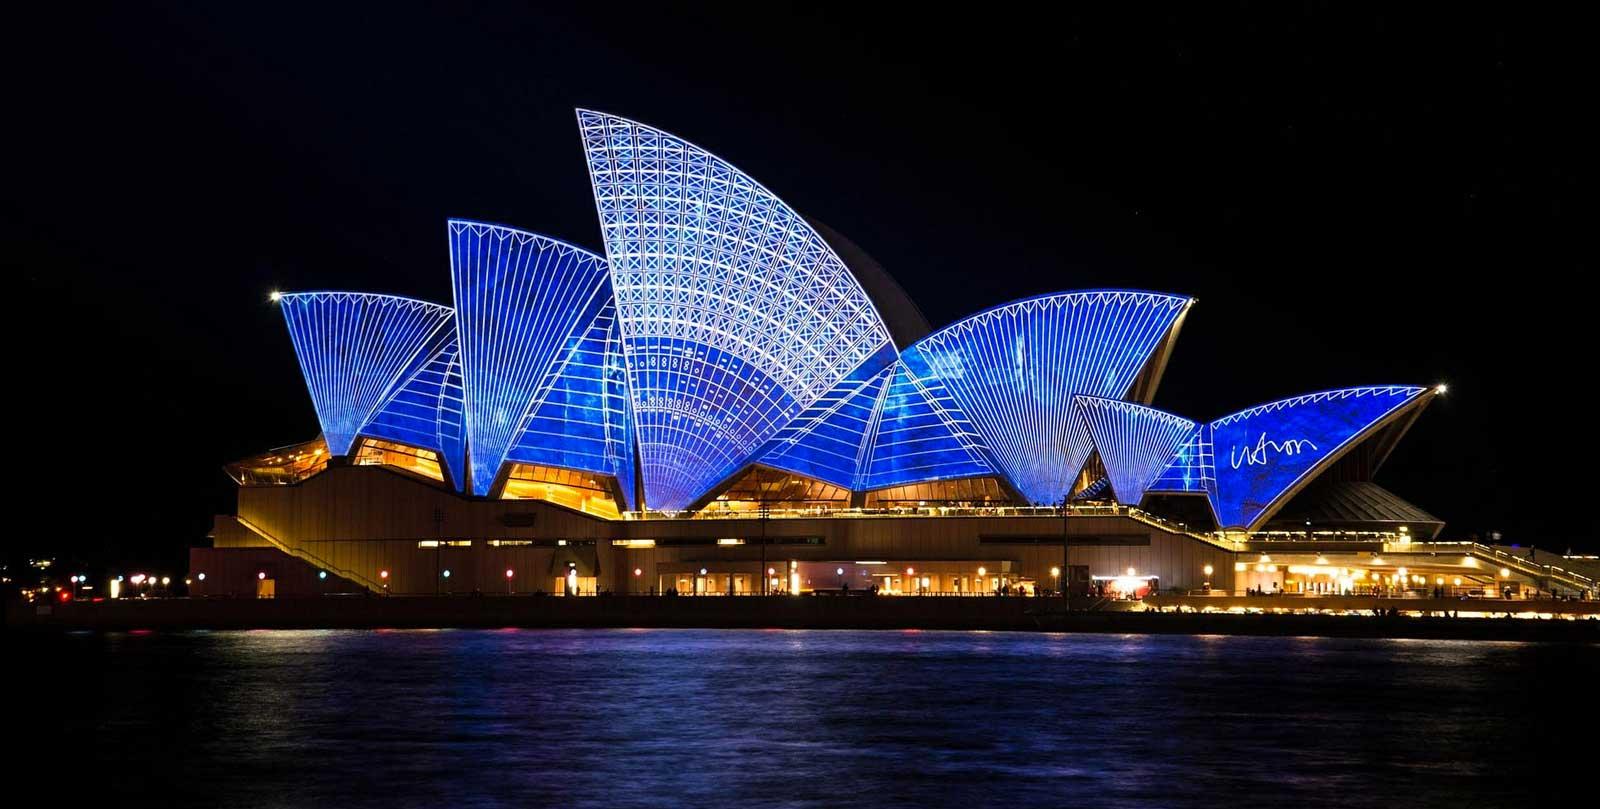 australia e vino